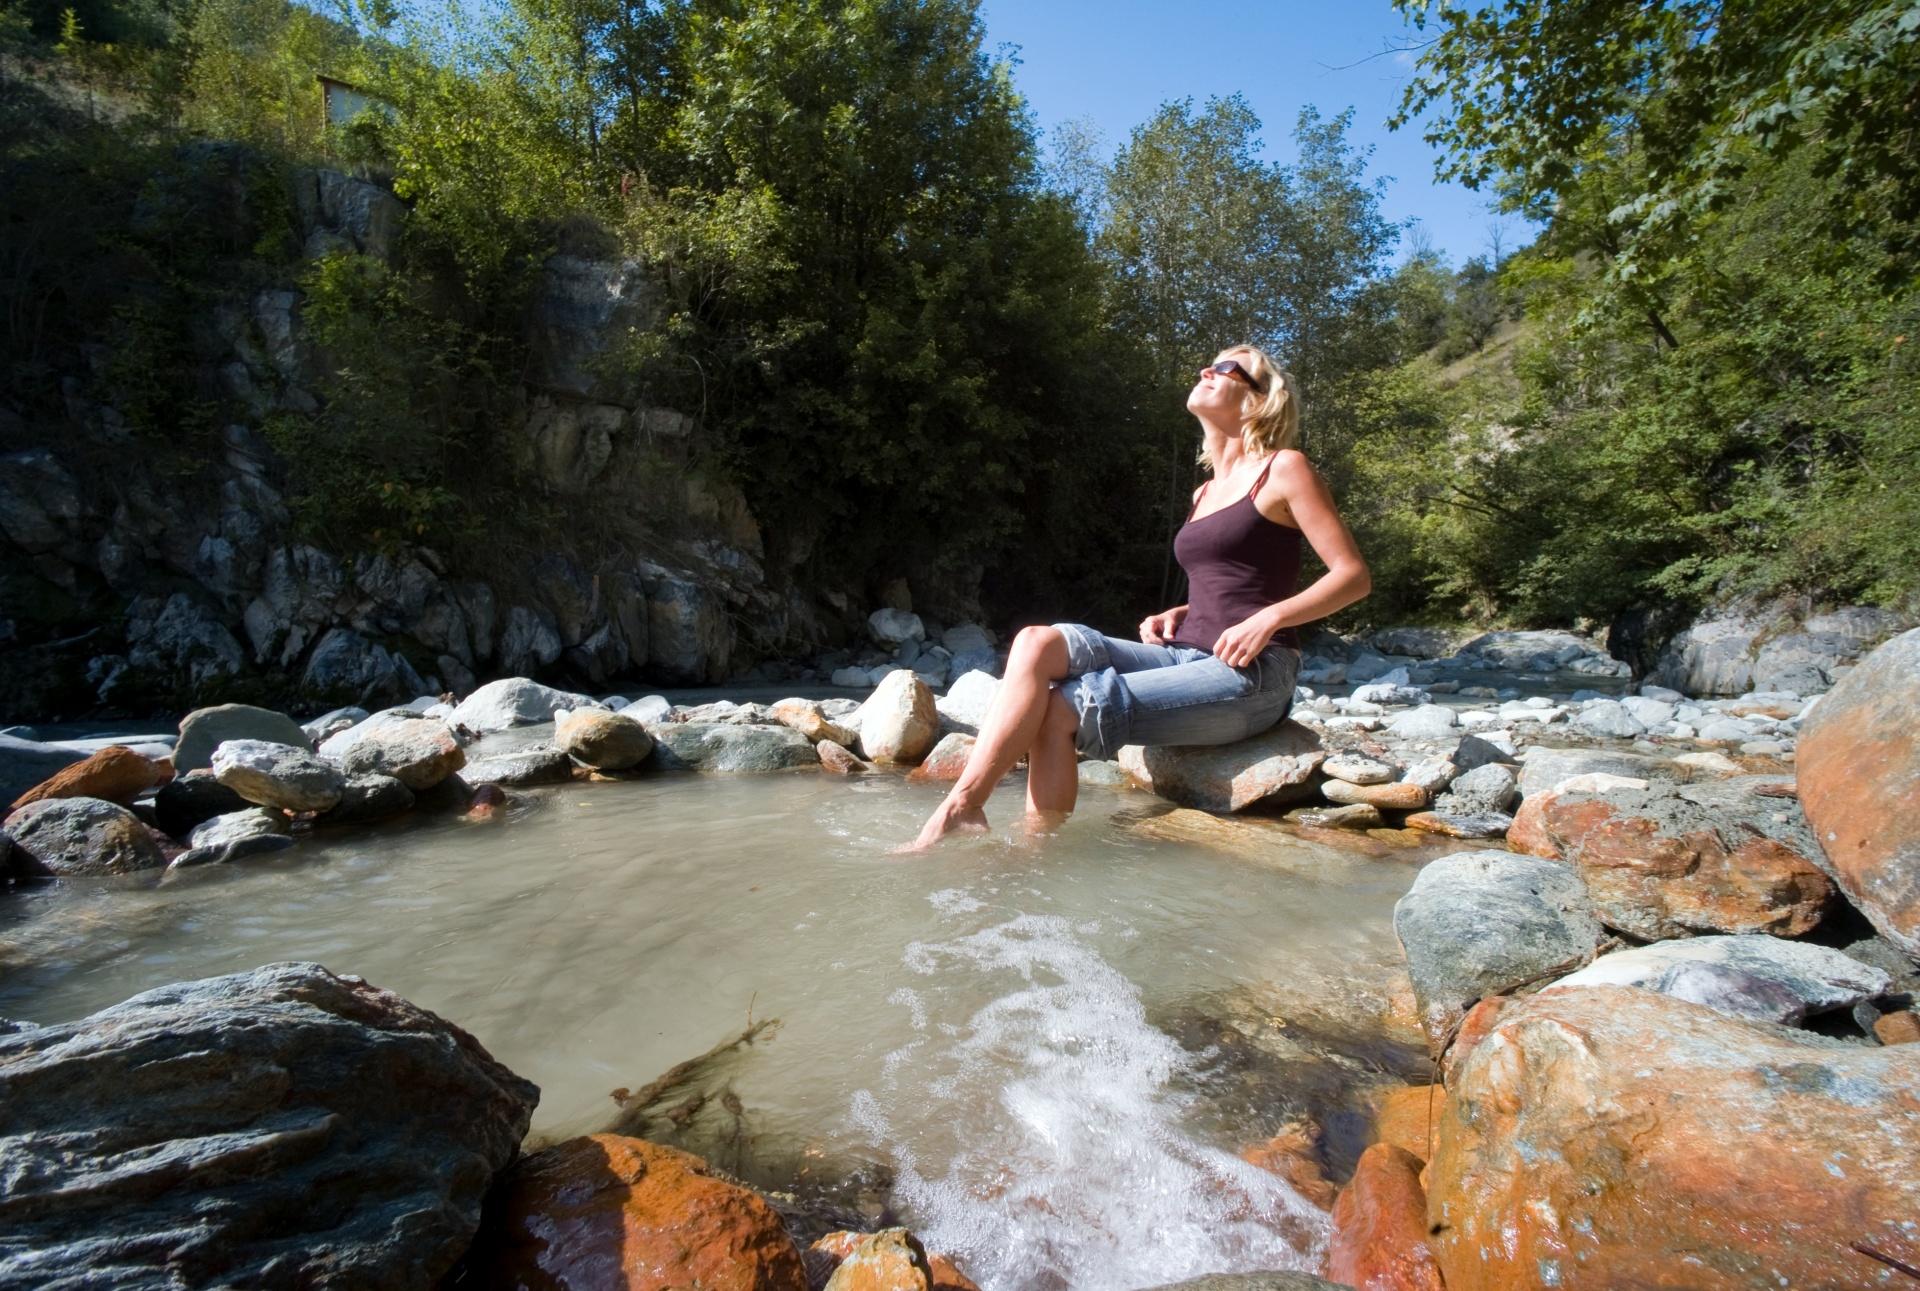 Les sources d'eau chaude de Combioula